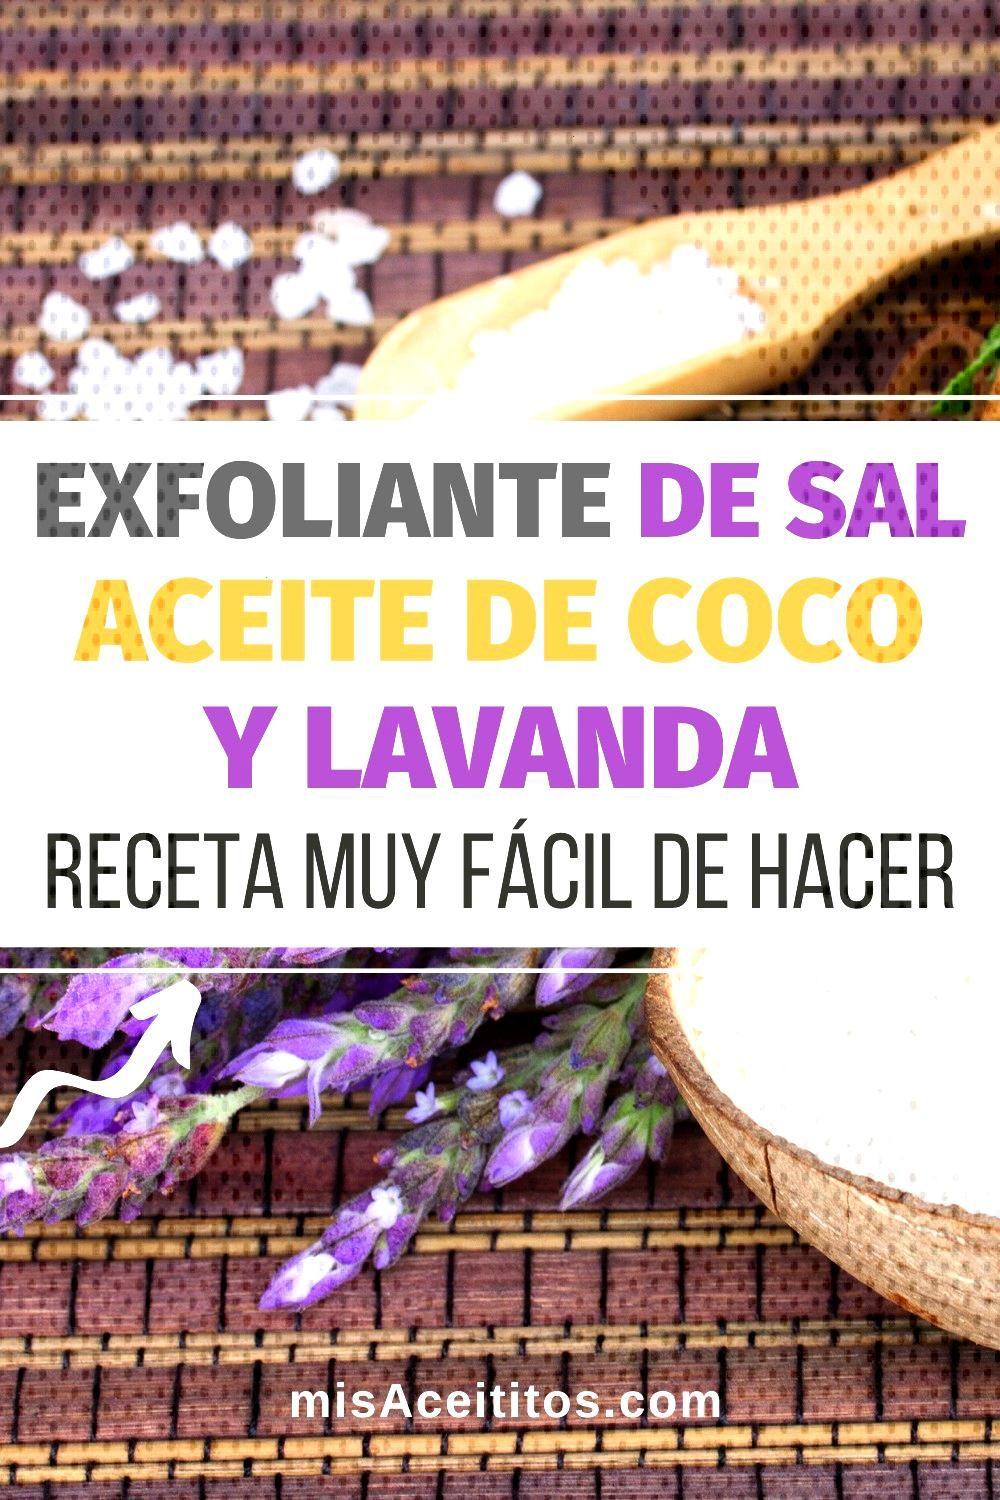 Cómo Hacer Exfoliante Casero Con Sal, Aceite De Coco Y Lavanda Esta receta de exfoliante casero co